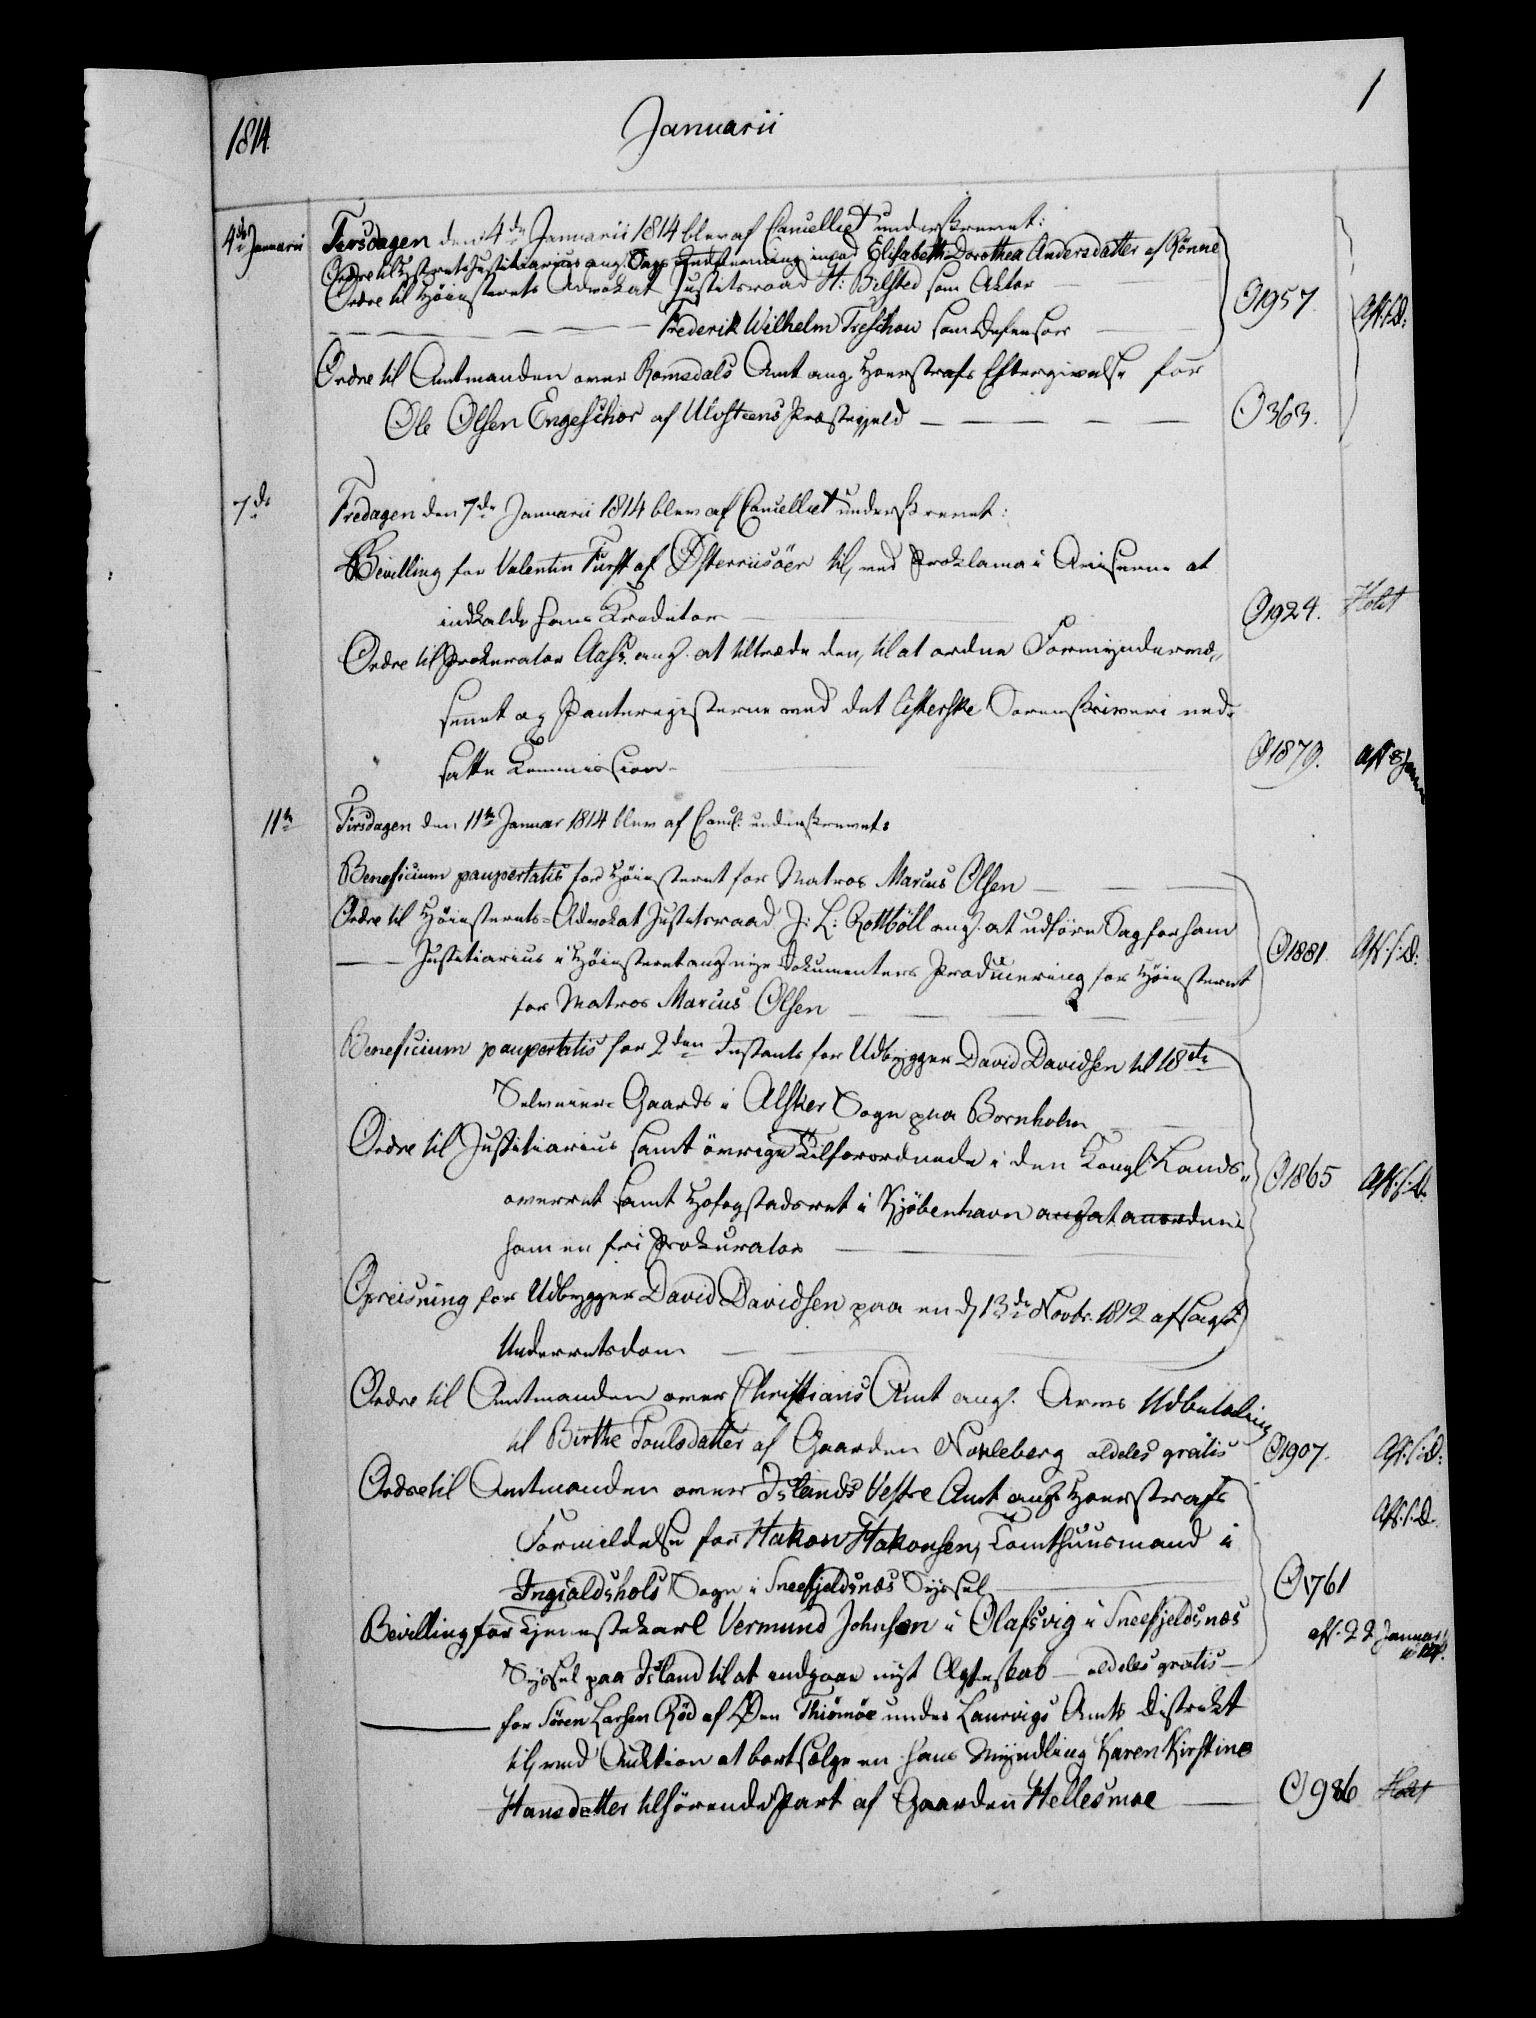 RA, Danske Kanselli 1800-1814, H/Hf/Hfb/Hfbc/L0015: Underskrivelsesbok m. register, 1814, s. 1